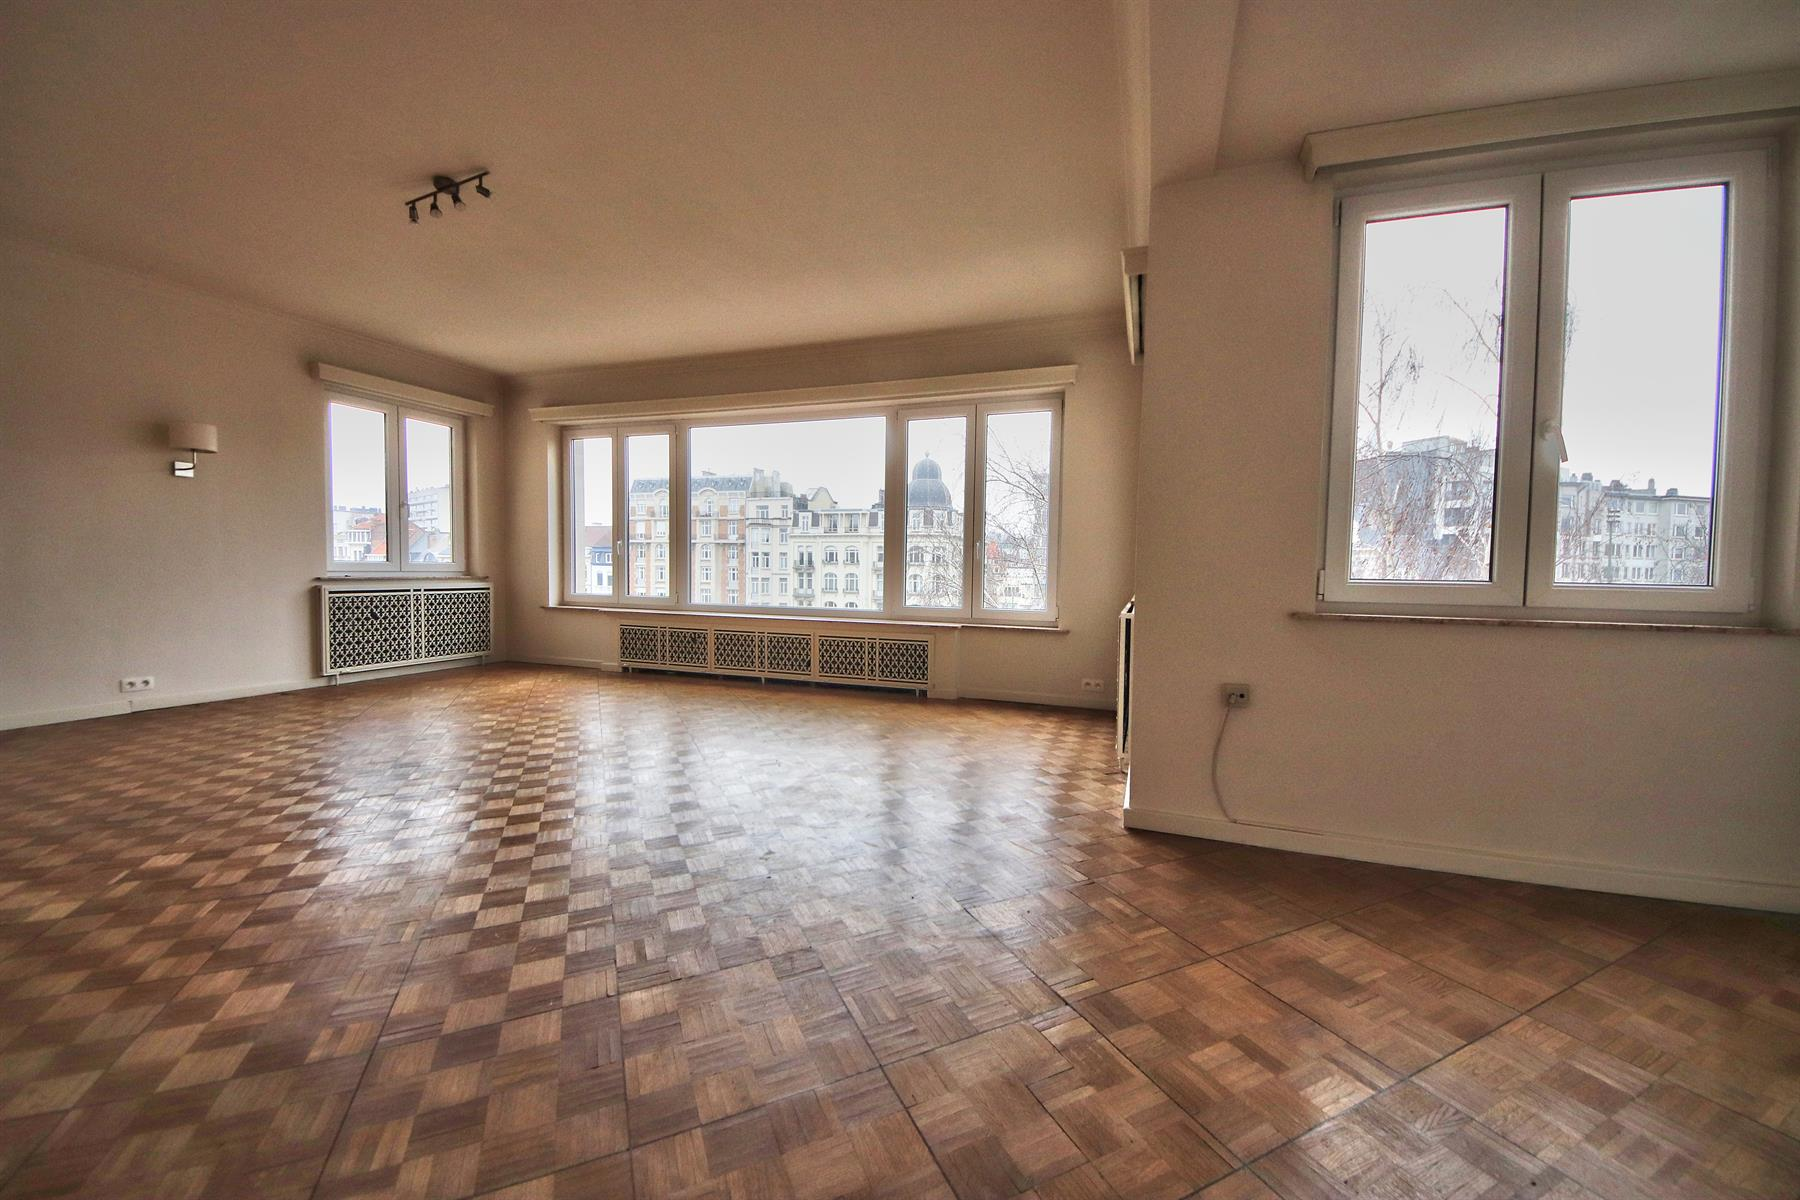 Appartement - Etterbeek - #4256824-1